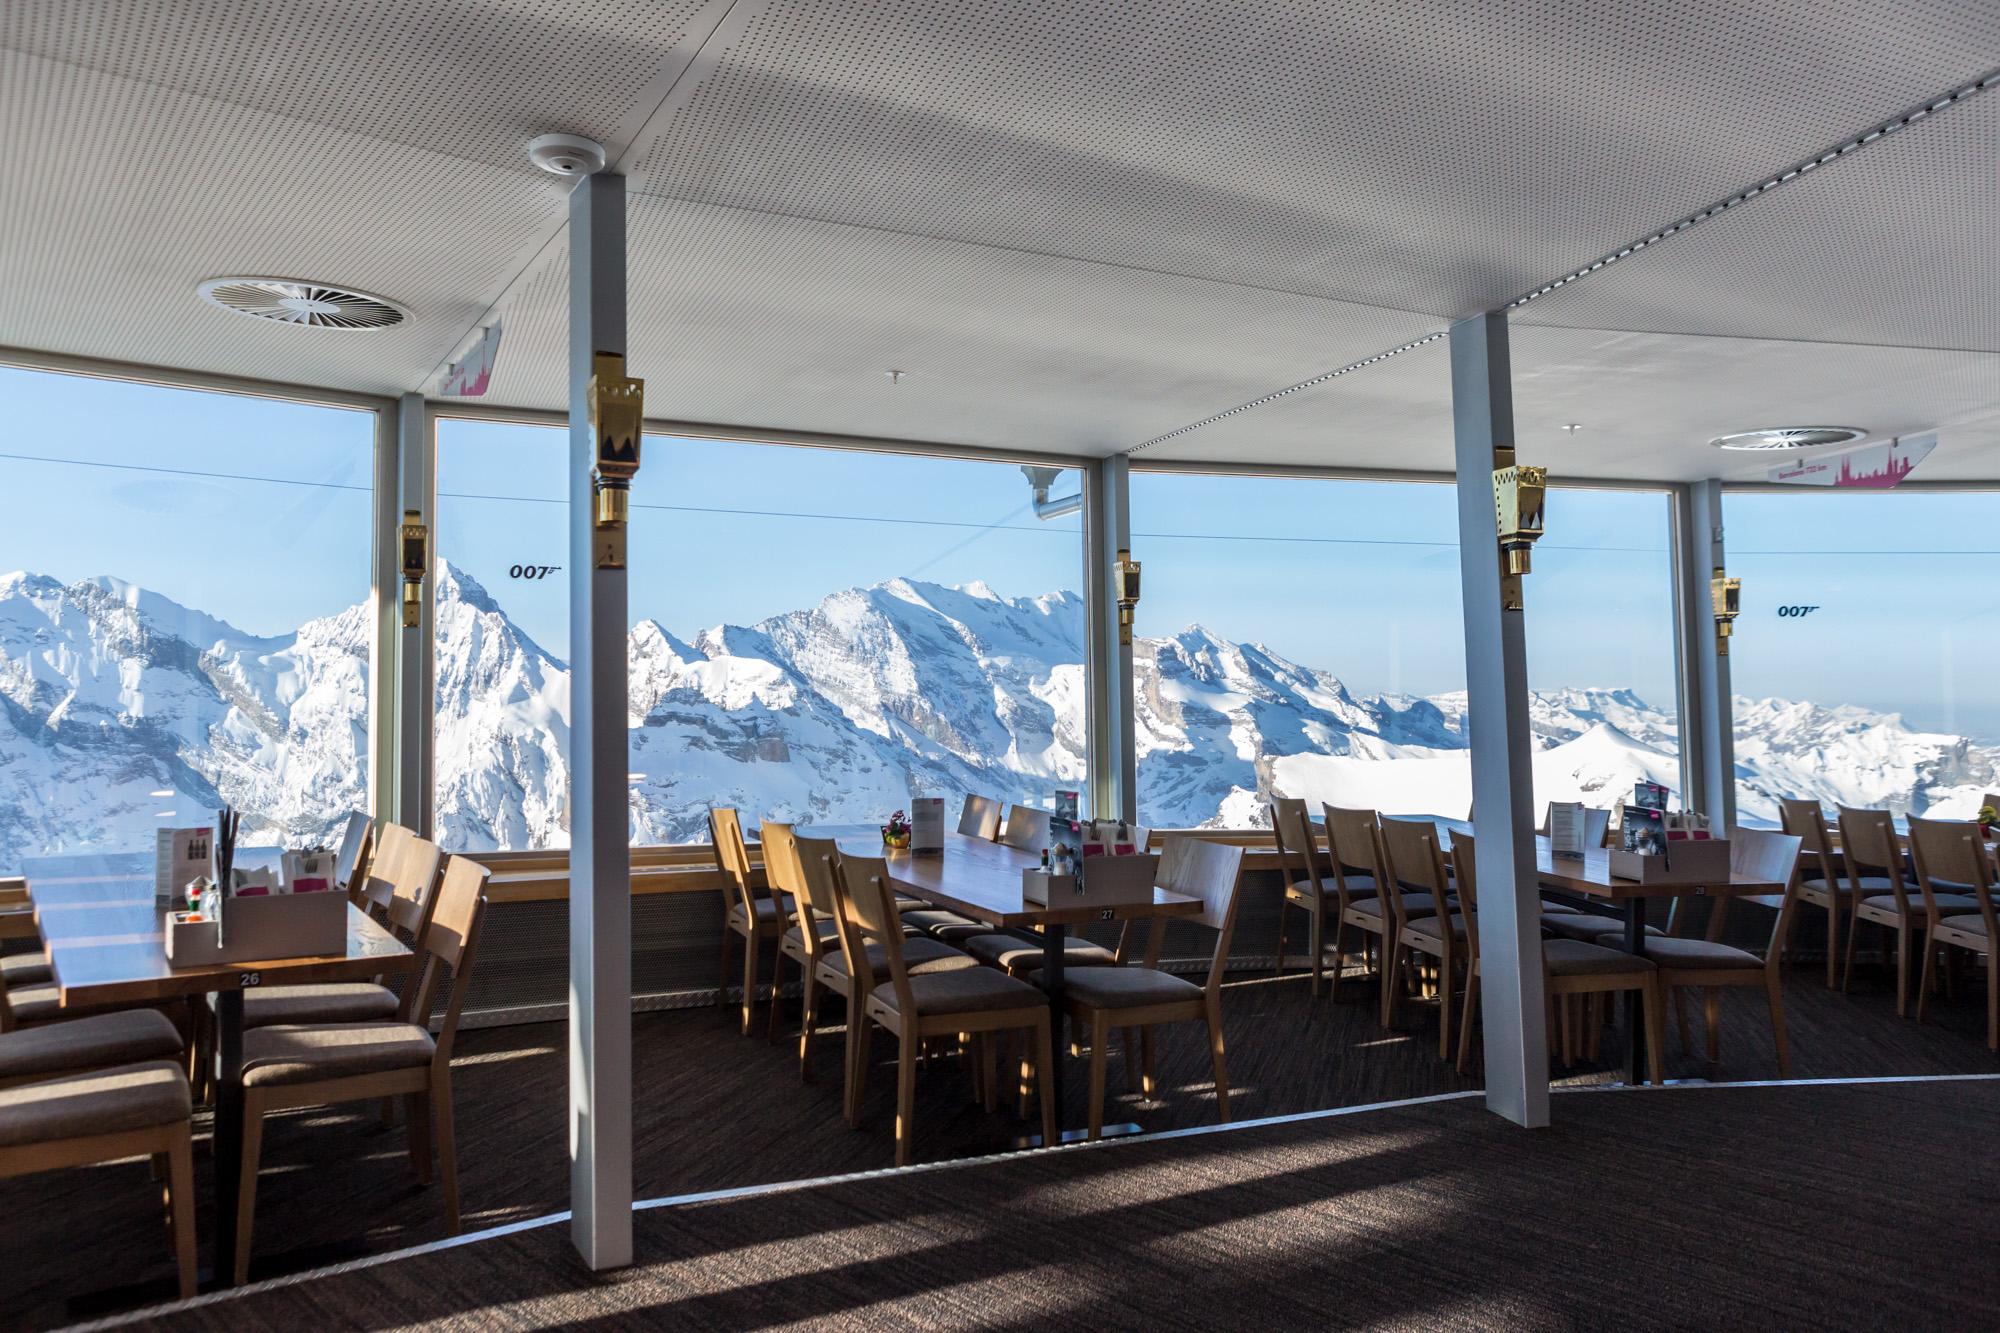 My name is Bond, James Bond. Das geschichtsträchtige Drehrestaurant wurde gesamterneuert. Die MerzGips AG konnte auf dem Gipfel des Schilthorns Gipserarbeiten ausführen.